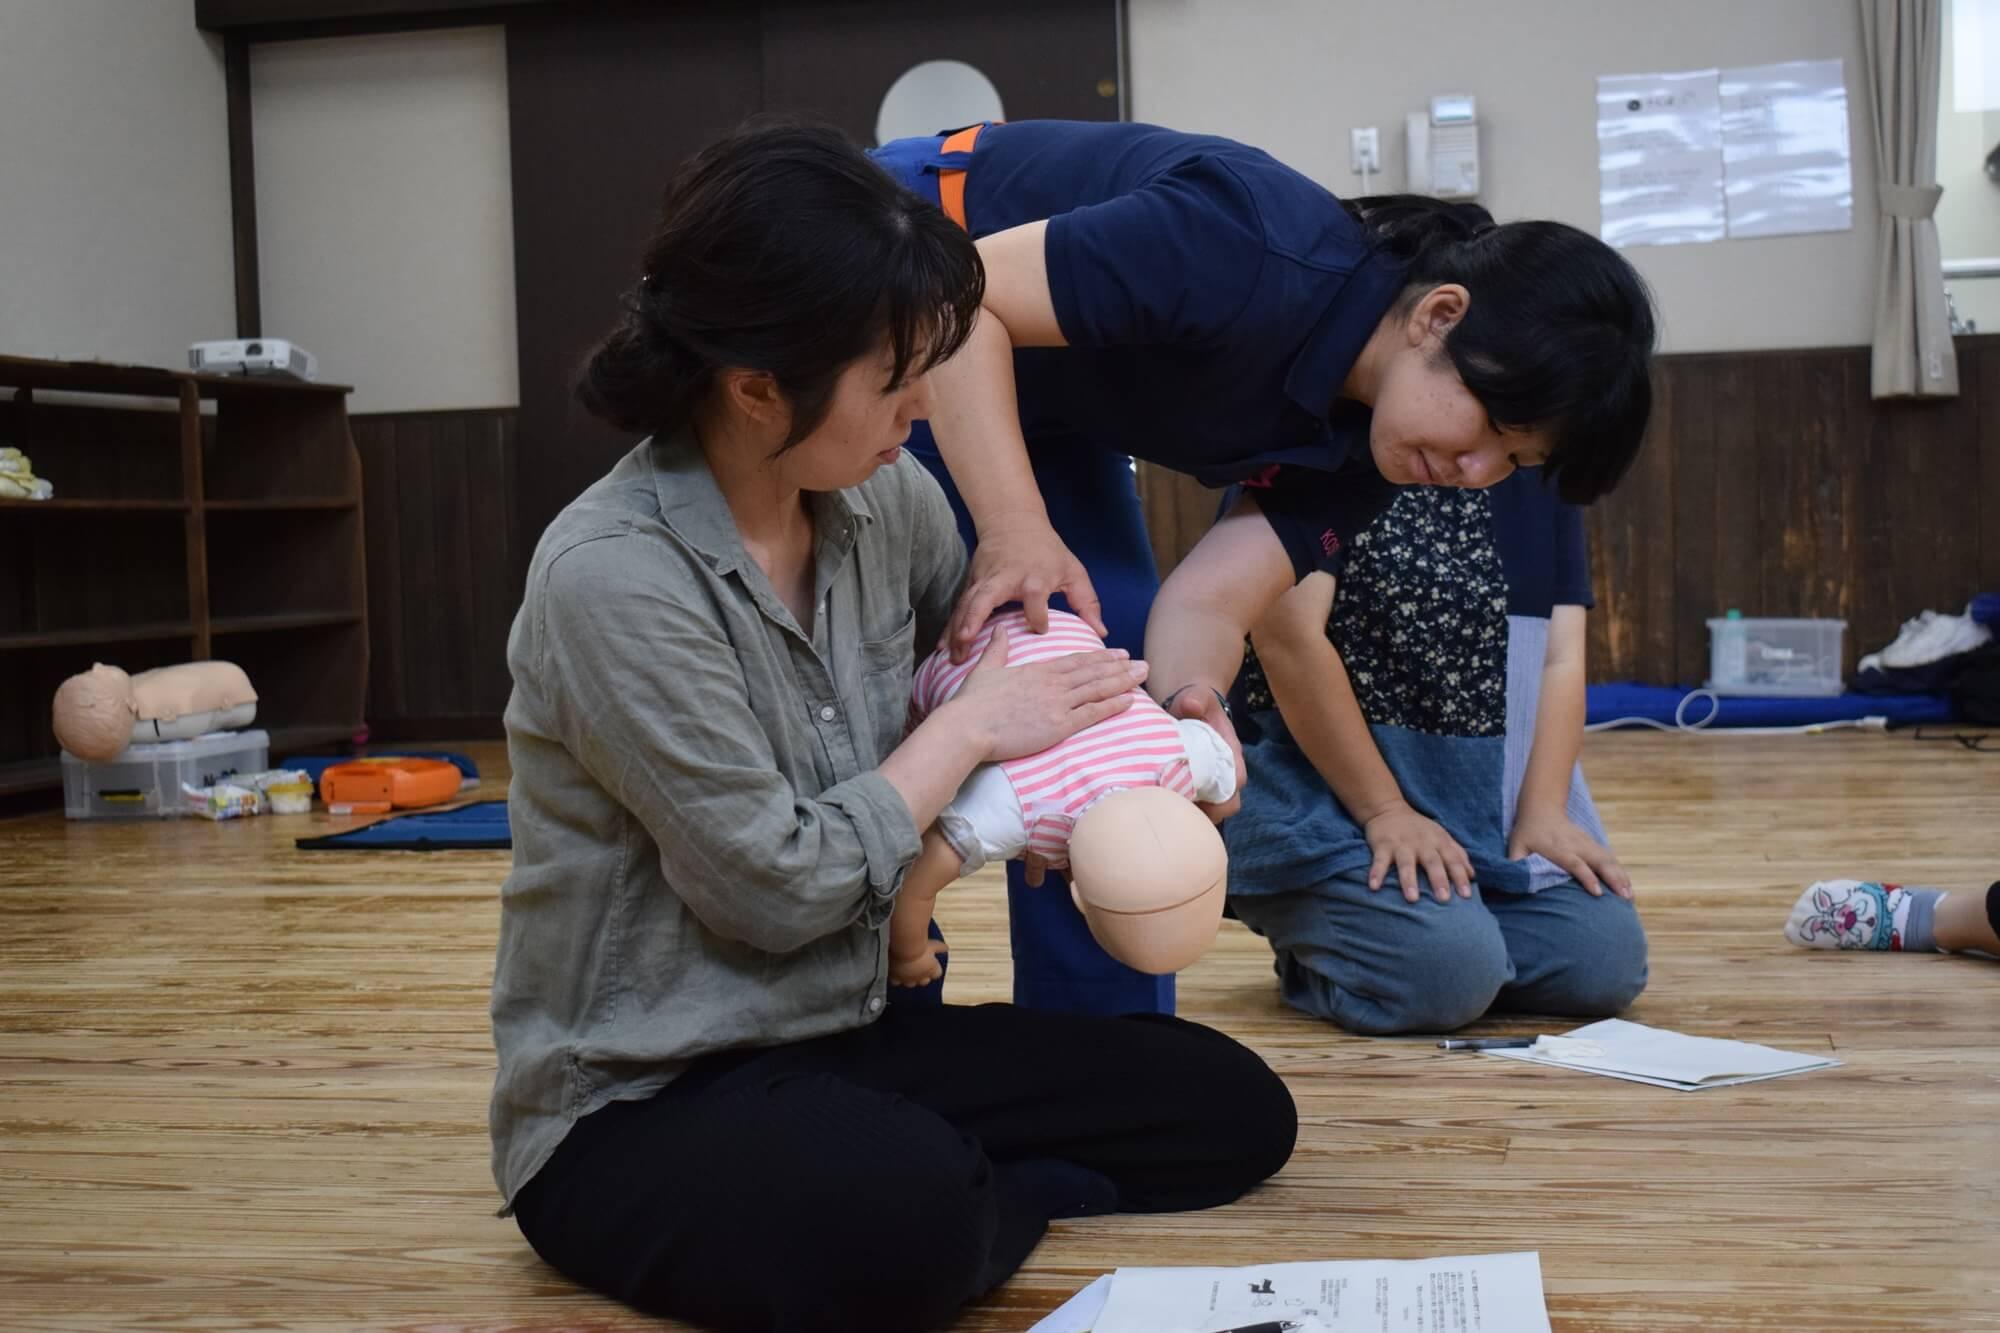 乳児の誤飲・窒息時の背部叩打法を体験する参加者